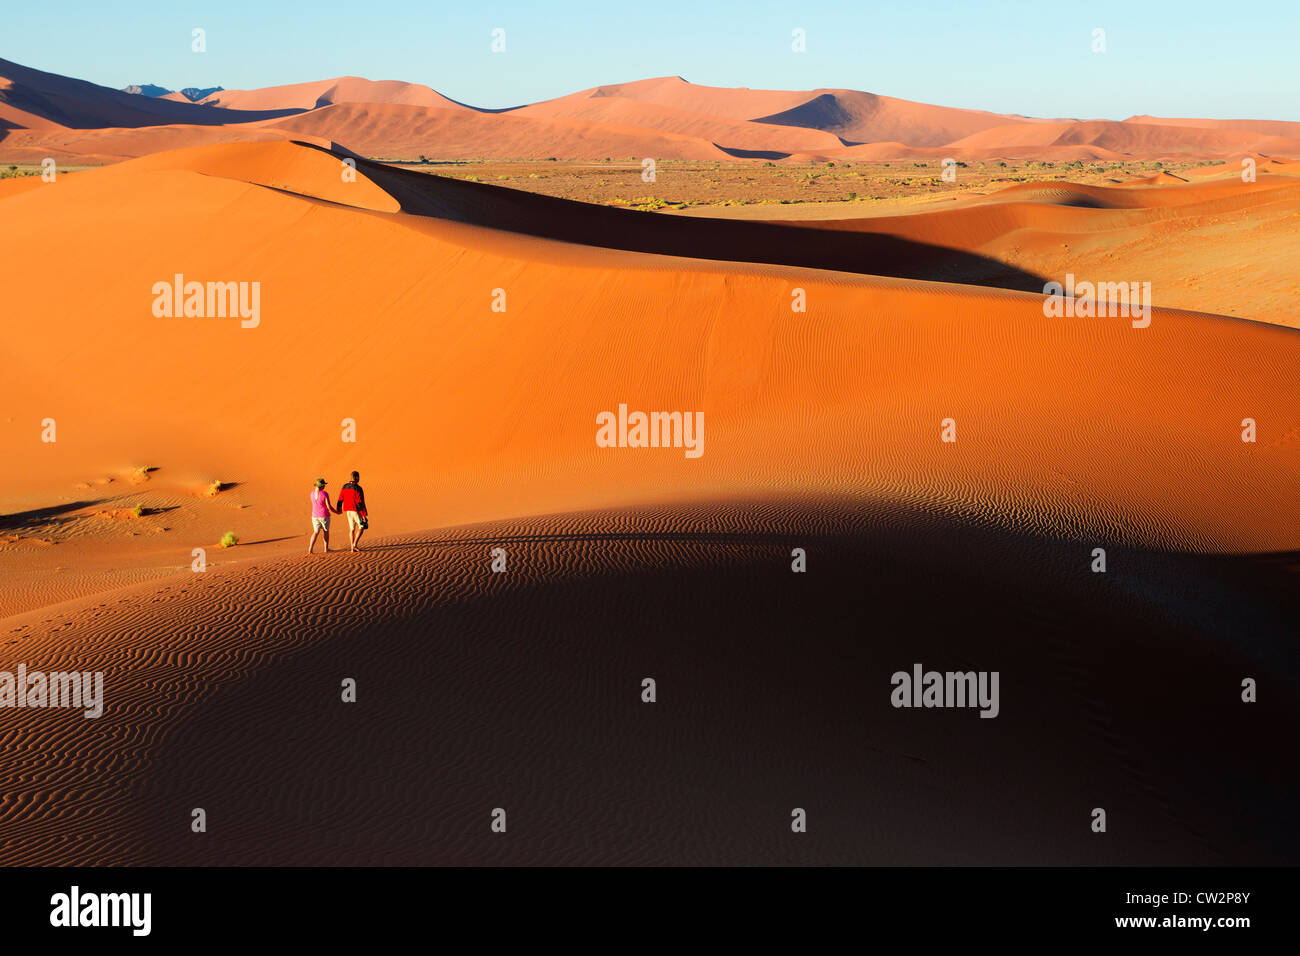 Couple walking along edge of sand dunes,Soussvlei,Namibia. - Stock Image